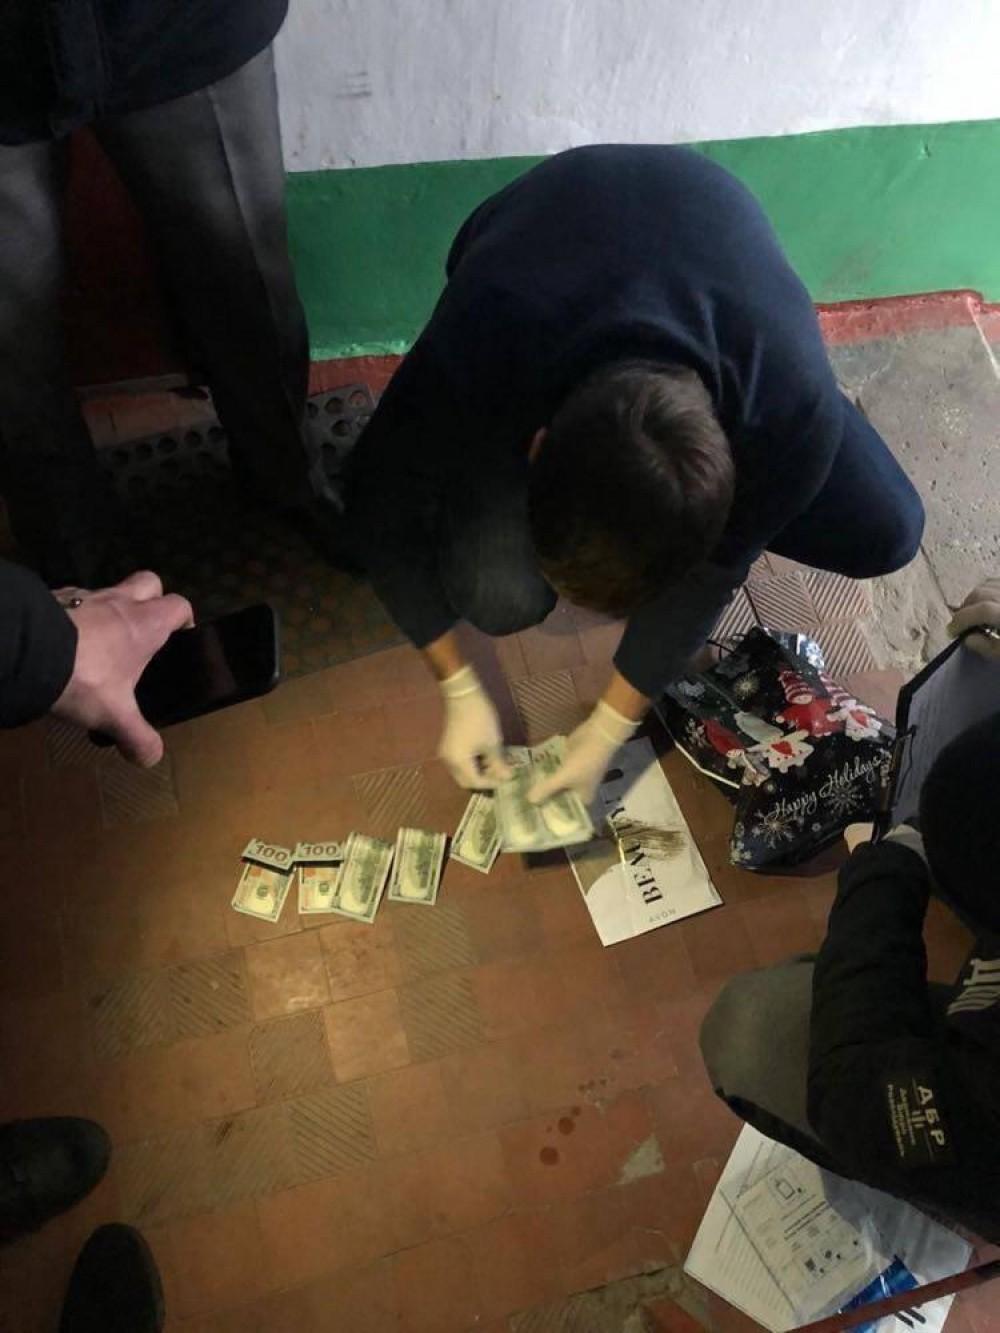 В Подольске полицейский за 3000 баксов обещал отмазать коррупционера-железнодорожника